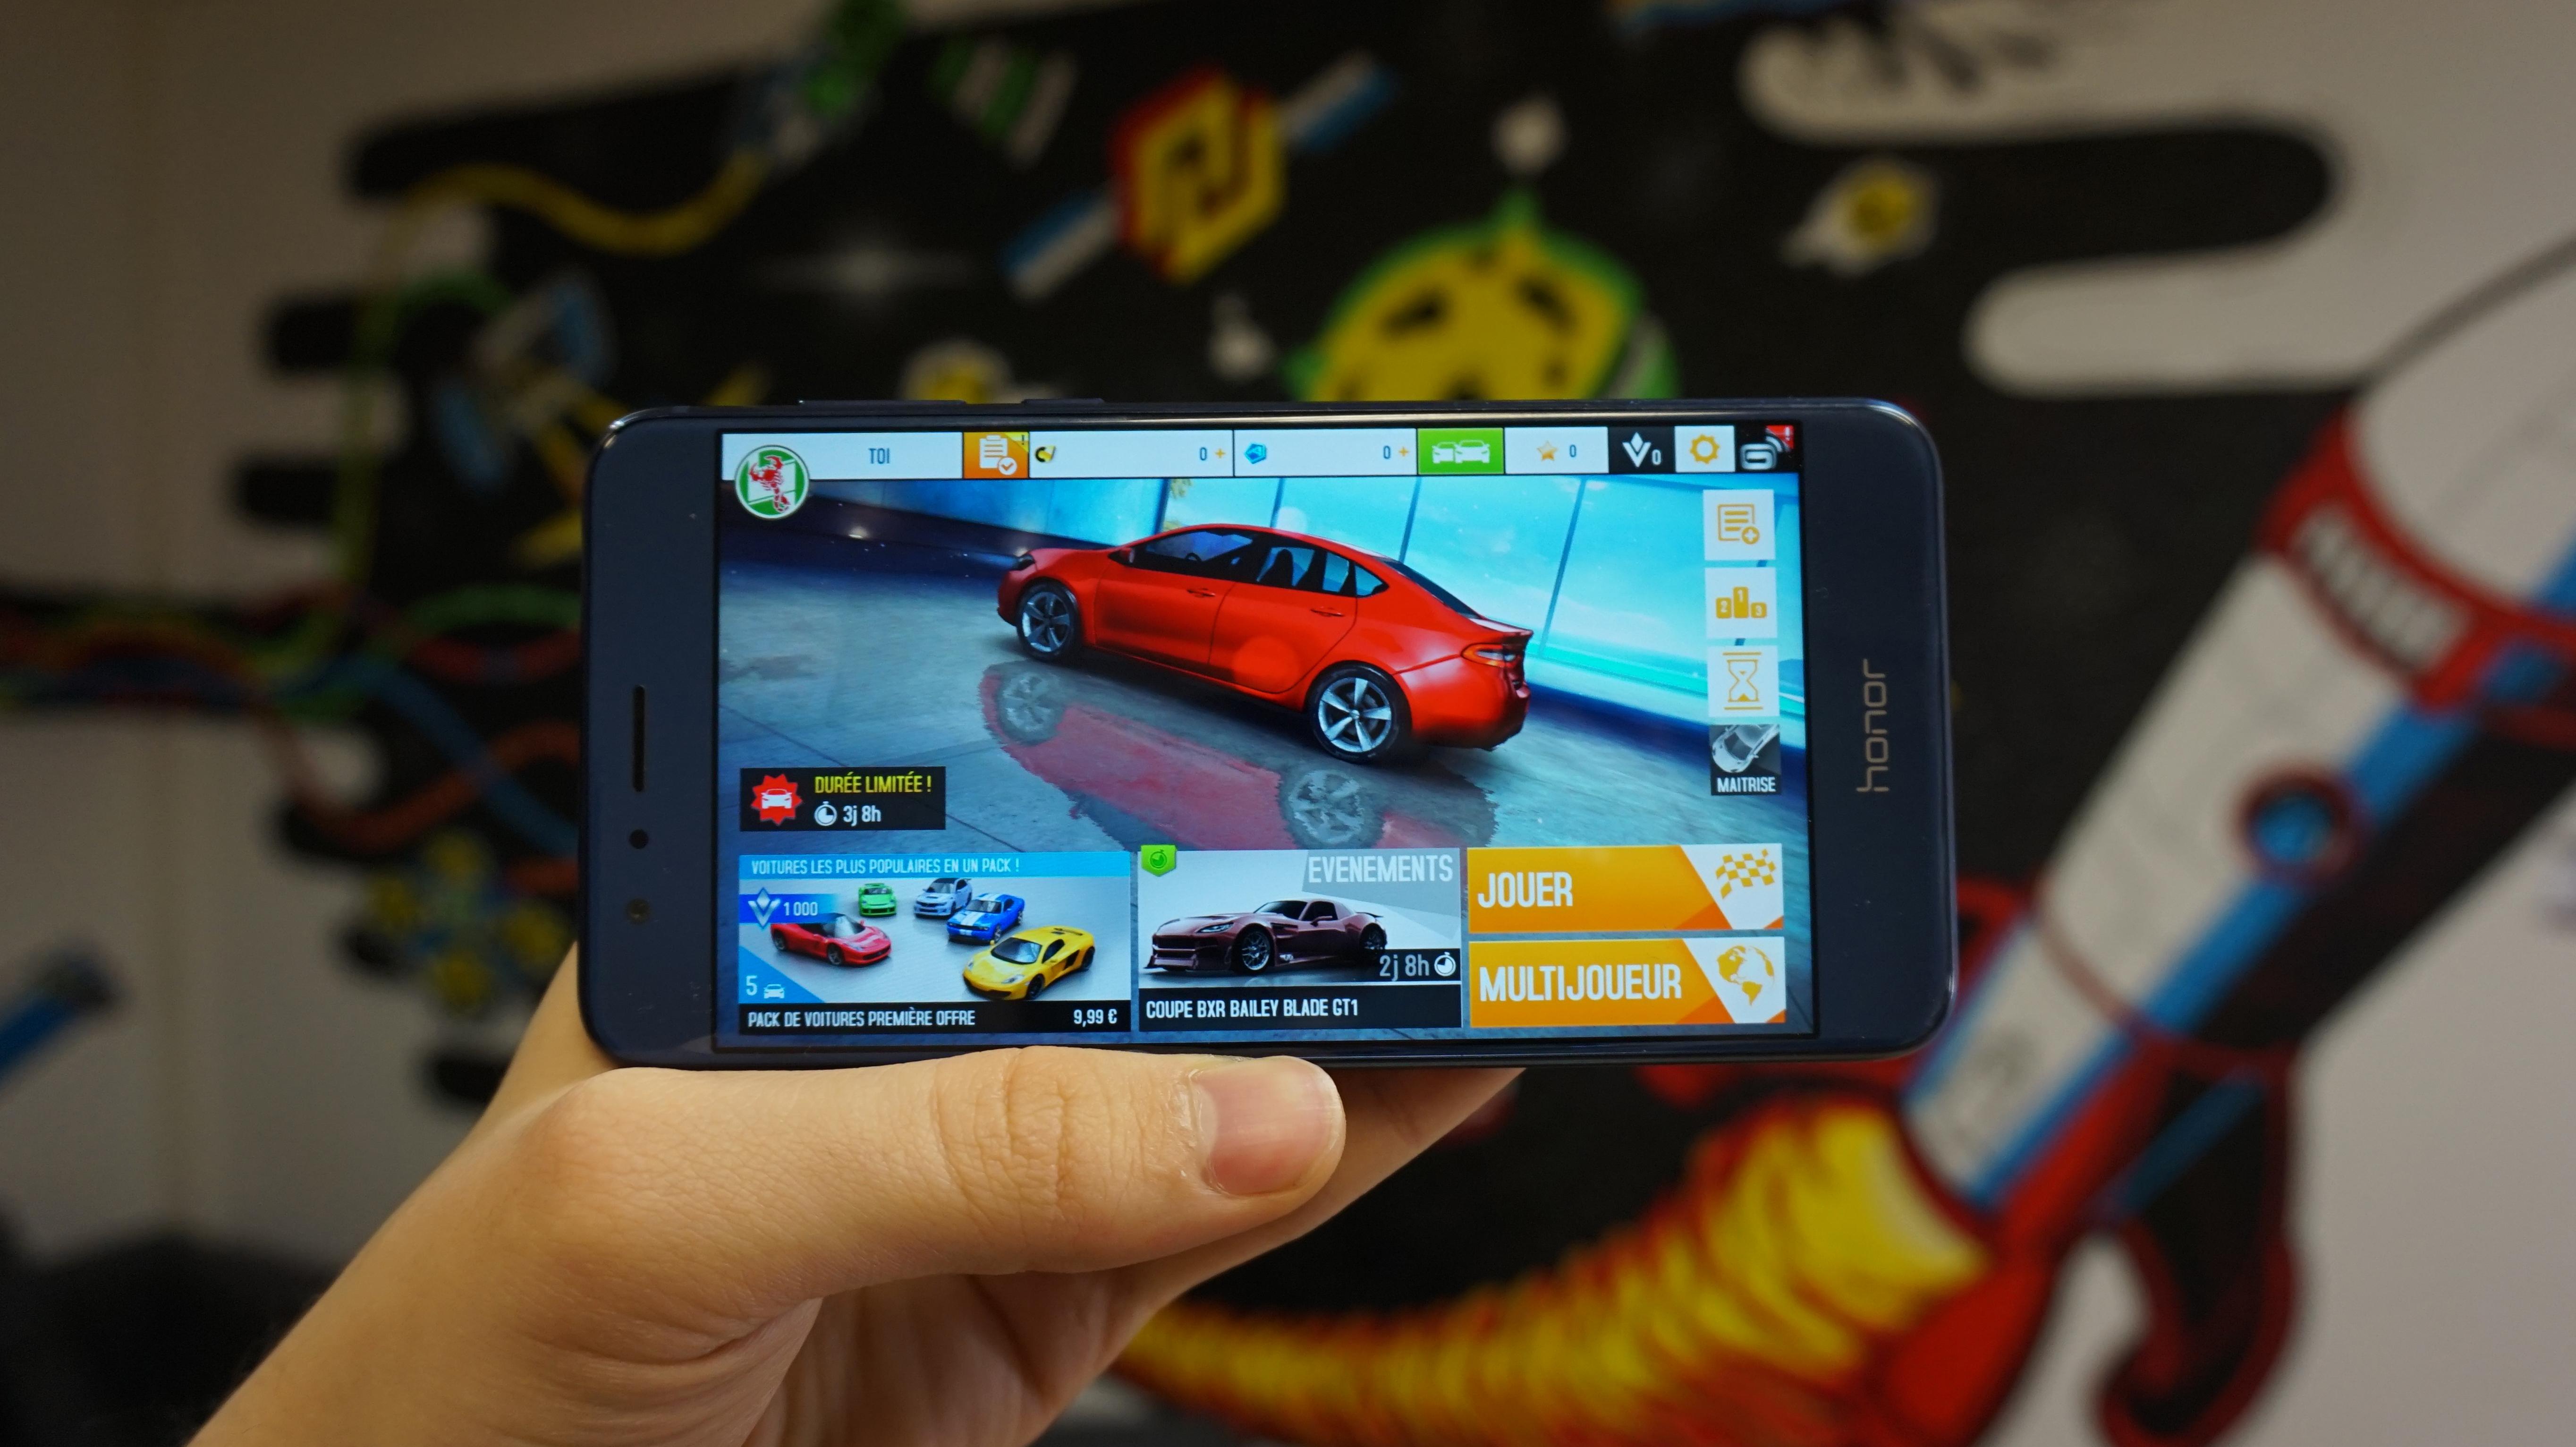 Jeux vidéo : le Honor 8 rivalise-t-il avec les smartphones de 2016